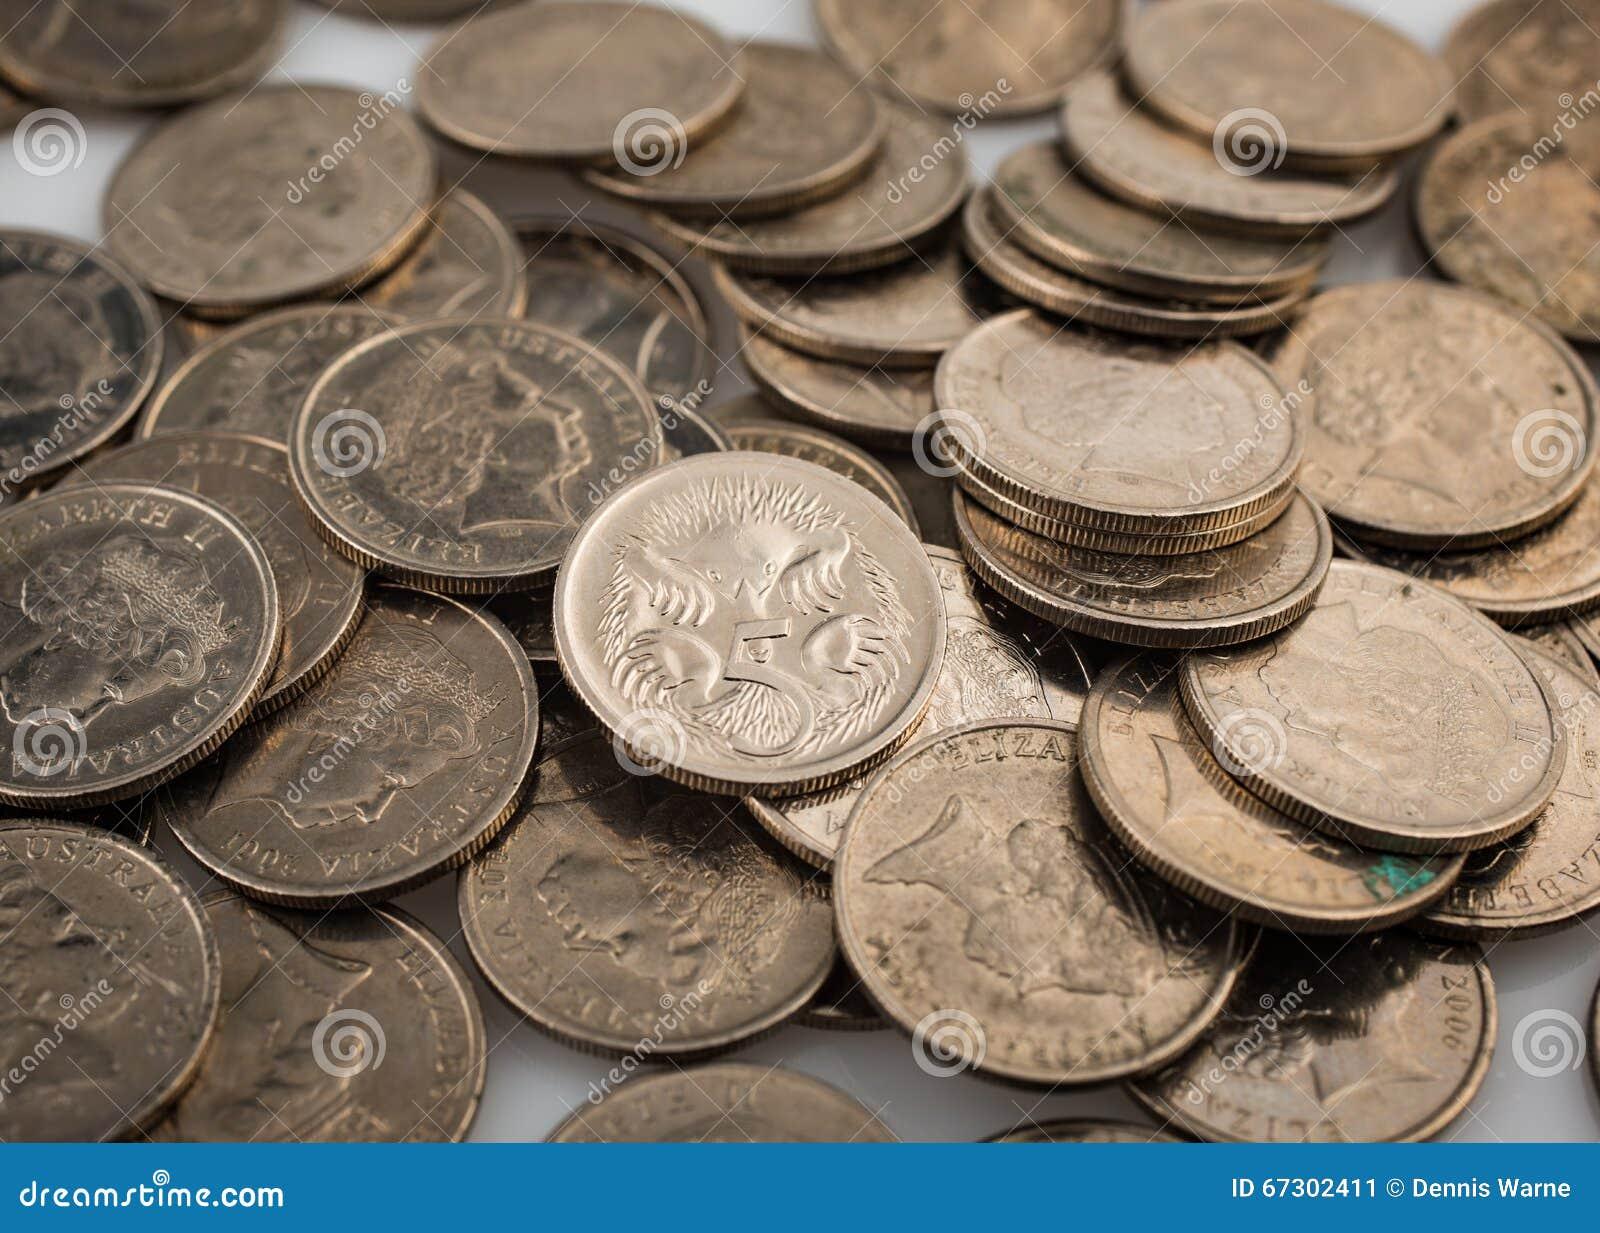 Australier Fünf Cent Münzen Stockbild Bild Von Cents Geld 67302411